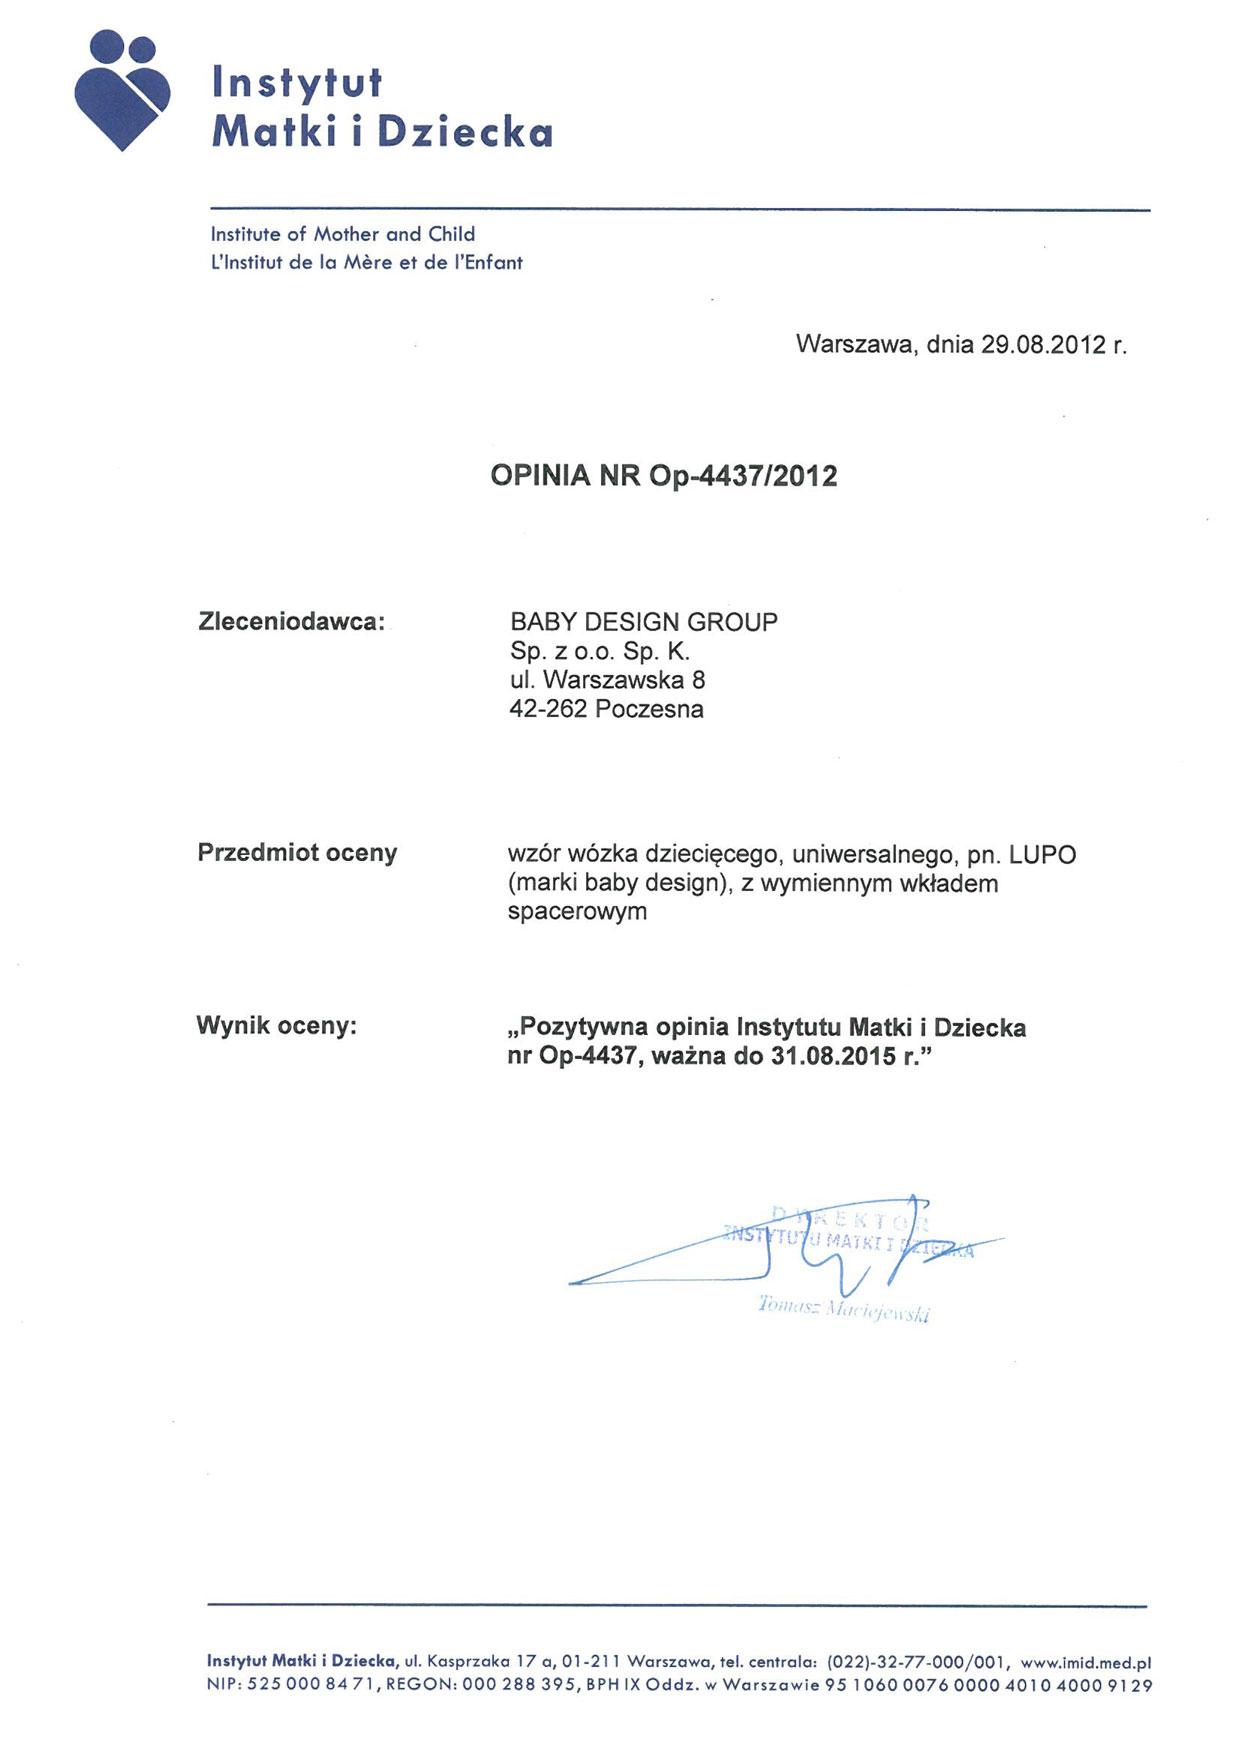 фото официального сертификата